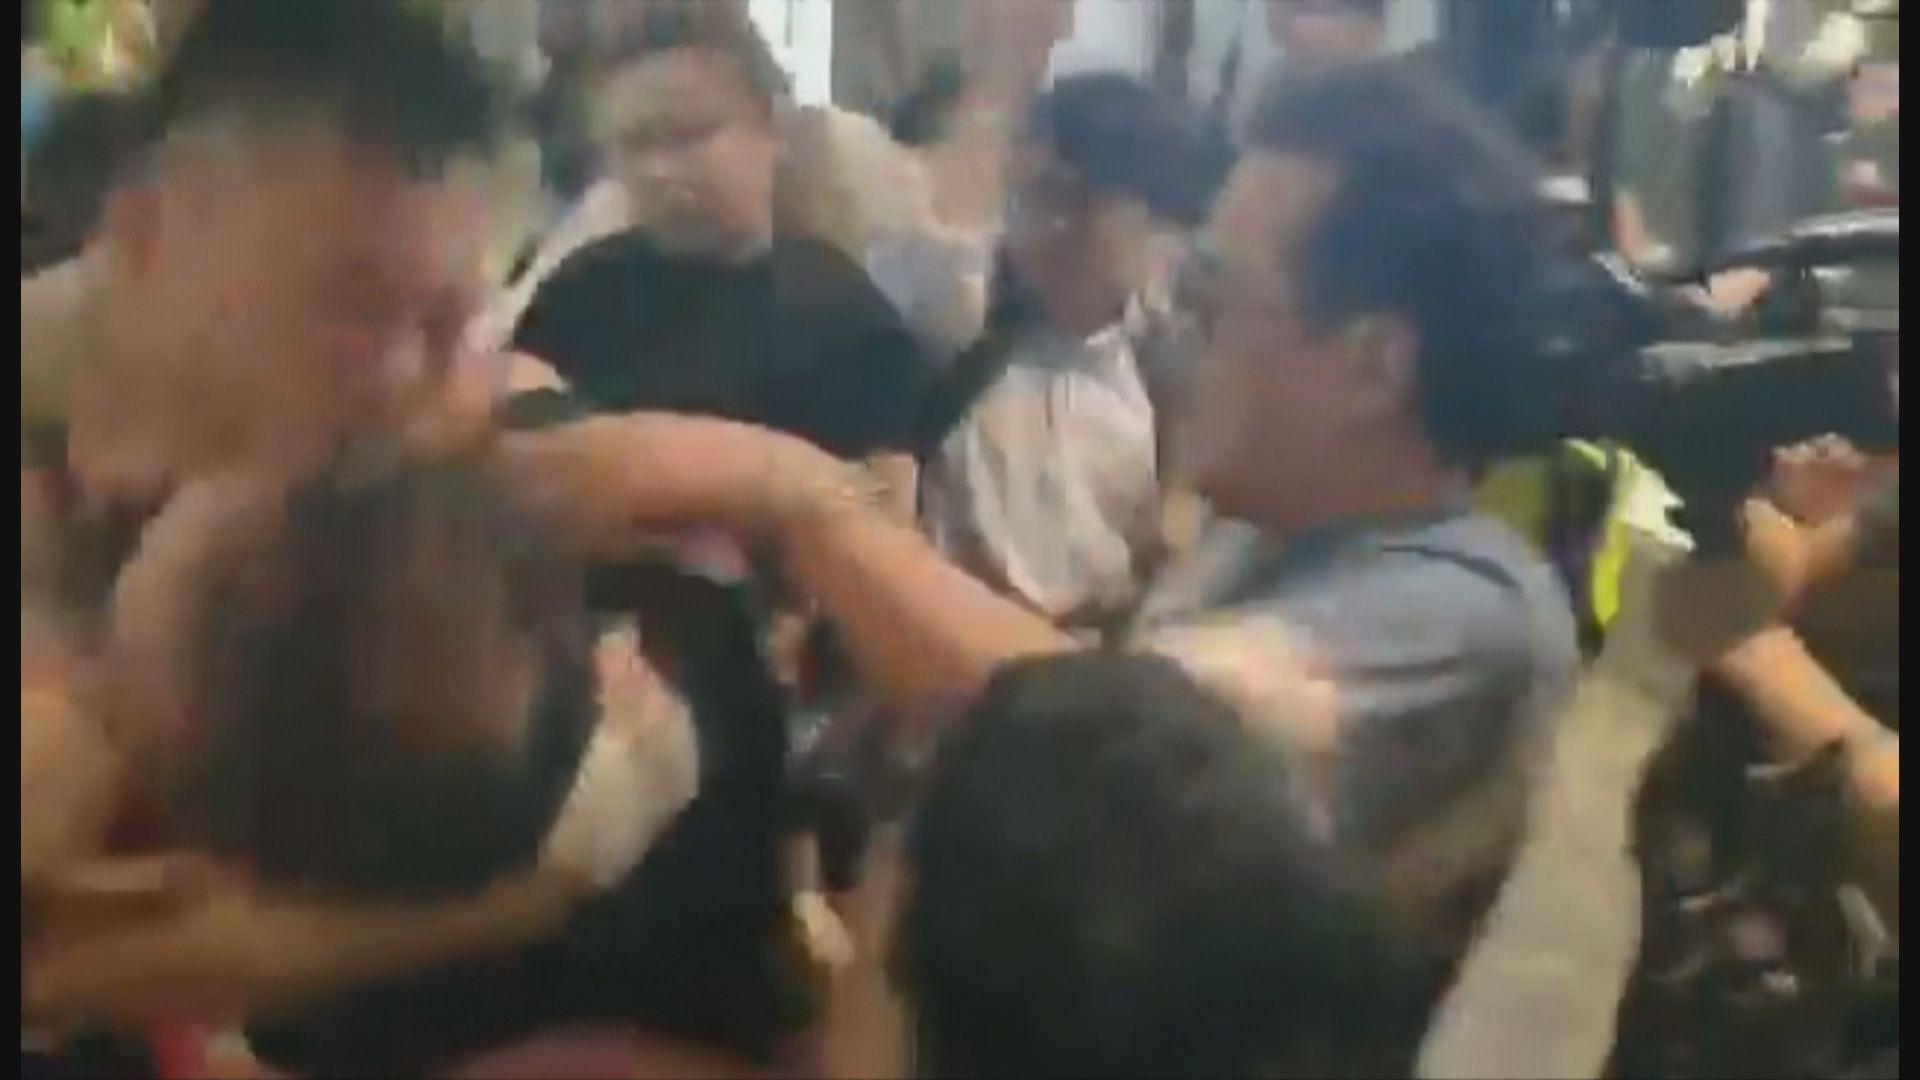 太古城中心外疑有男子持刀施襲至少五傷 趙家賢被咬甩耳殼